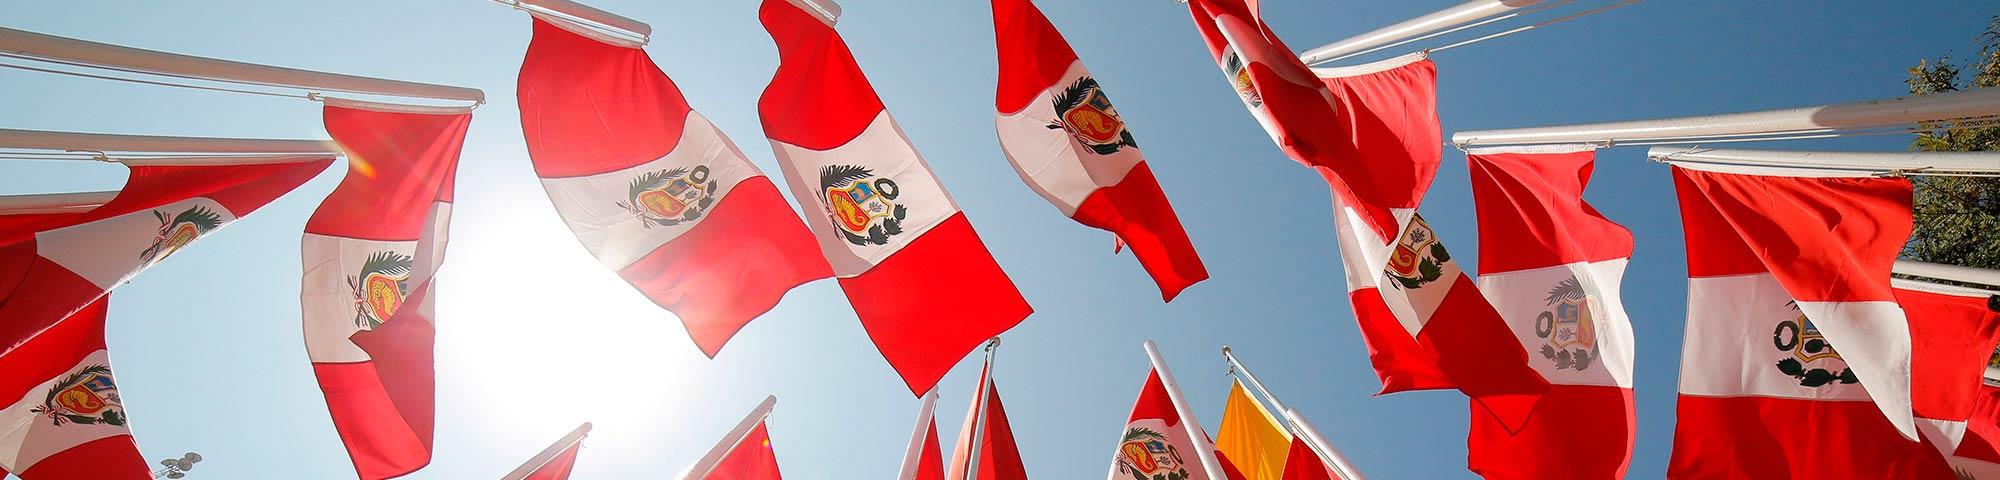 Bicentenario: las Cataratas del Niágara se iluminarán de rojo y blanco este 28 de julio